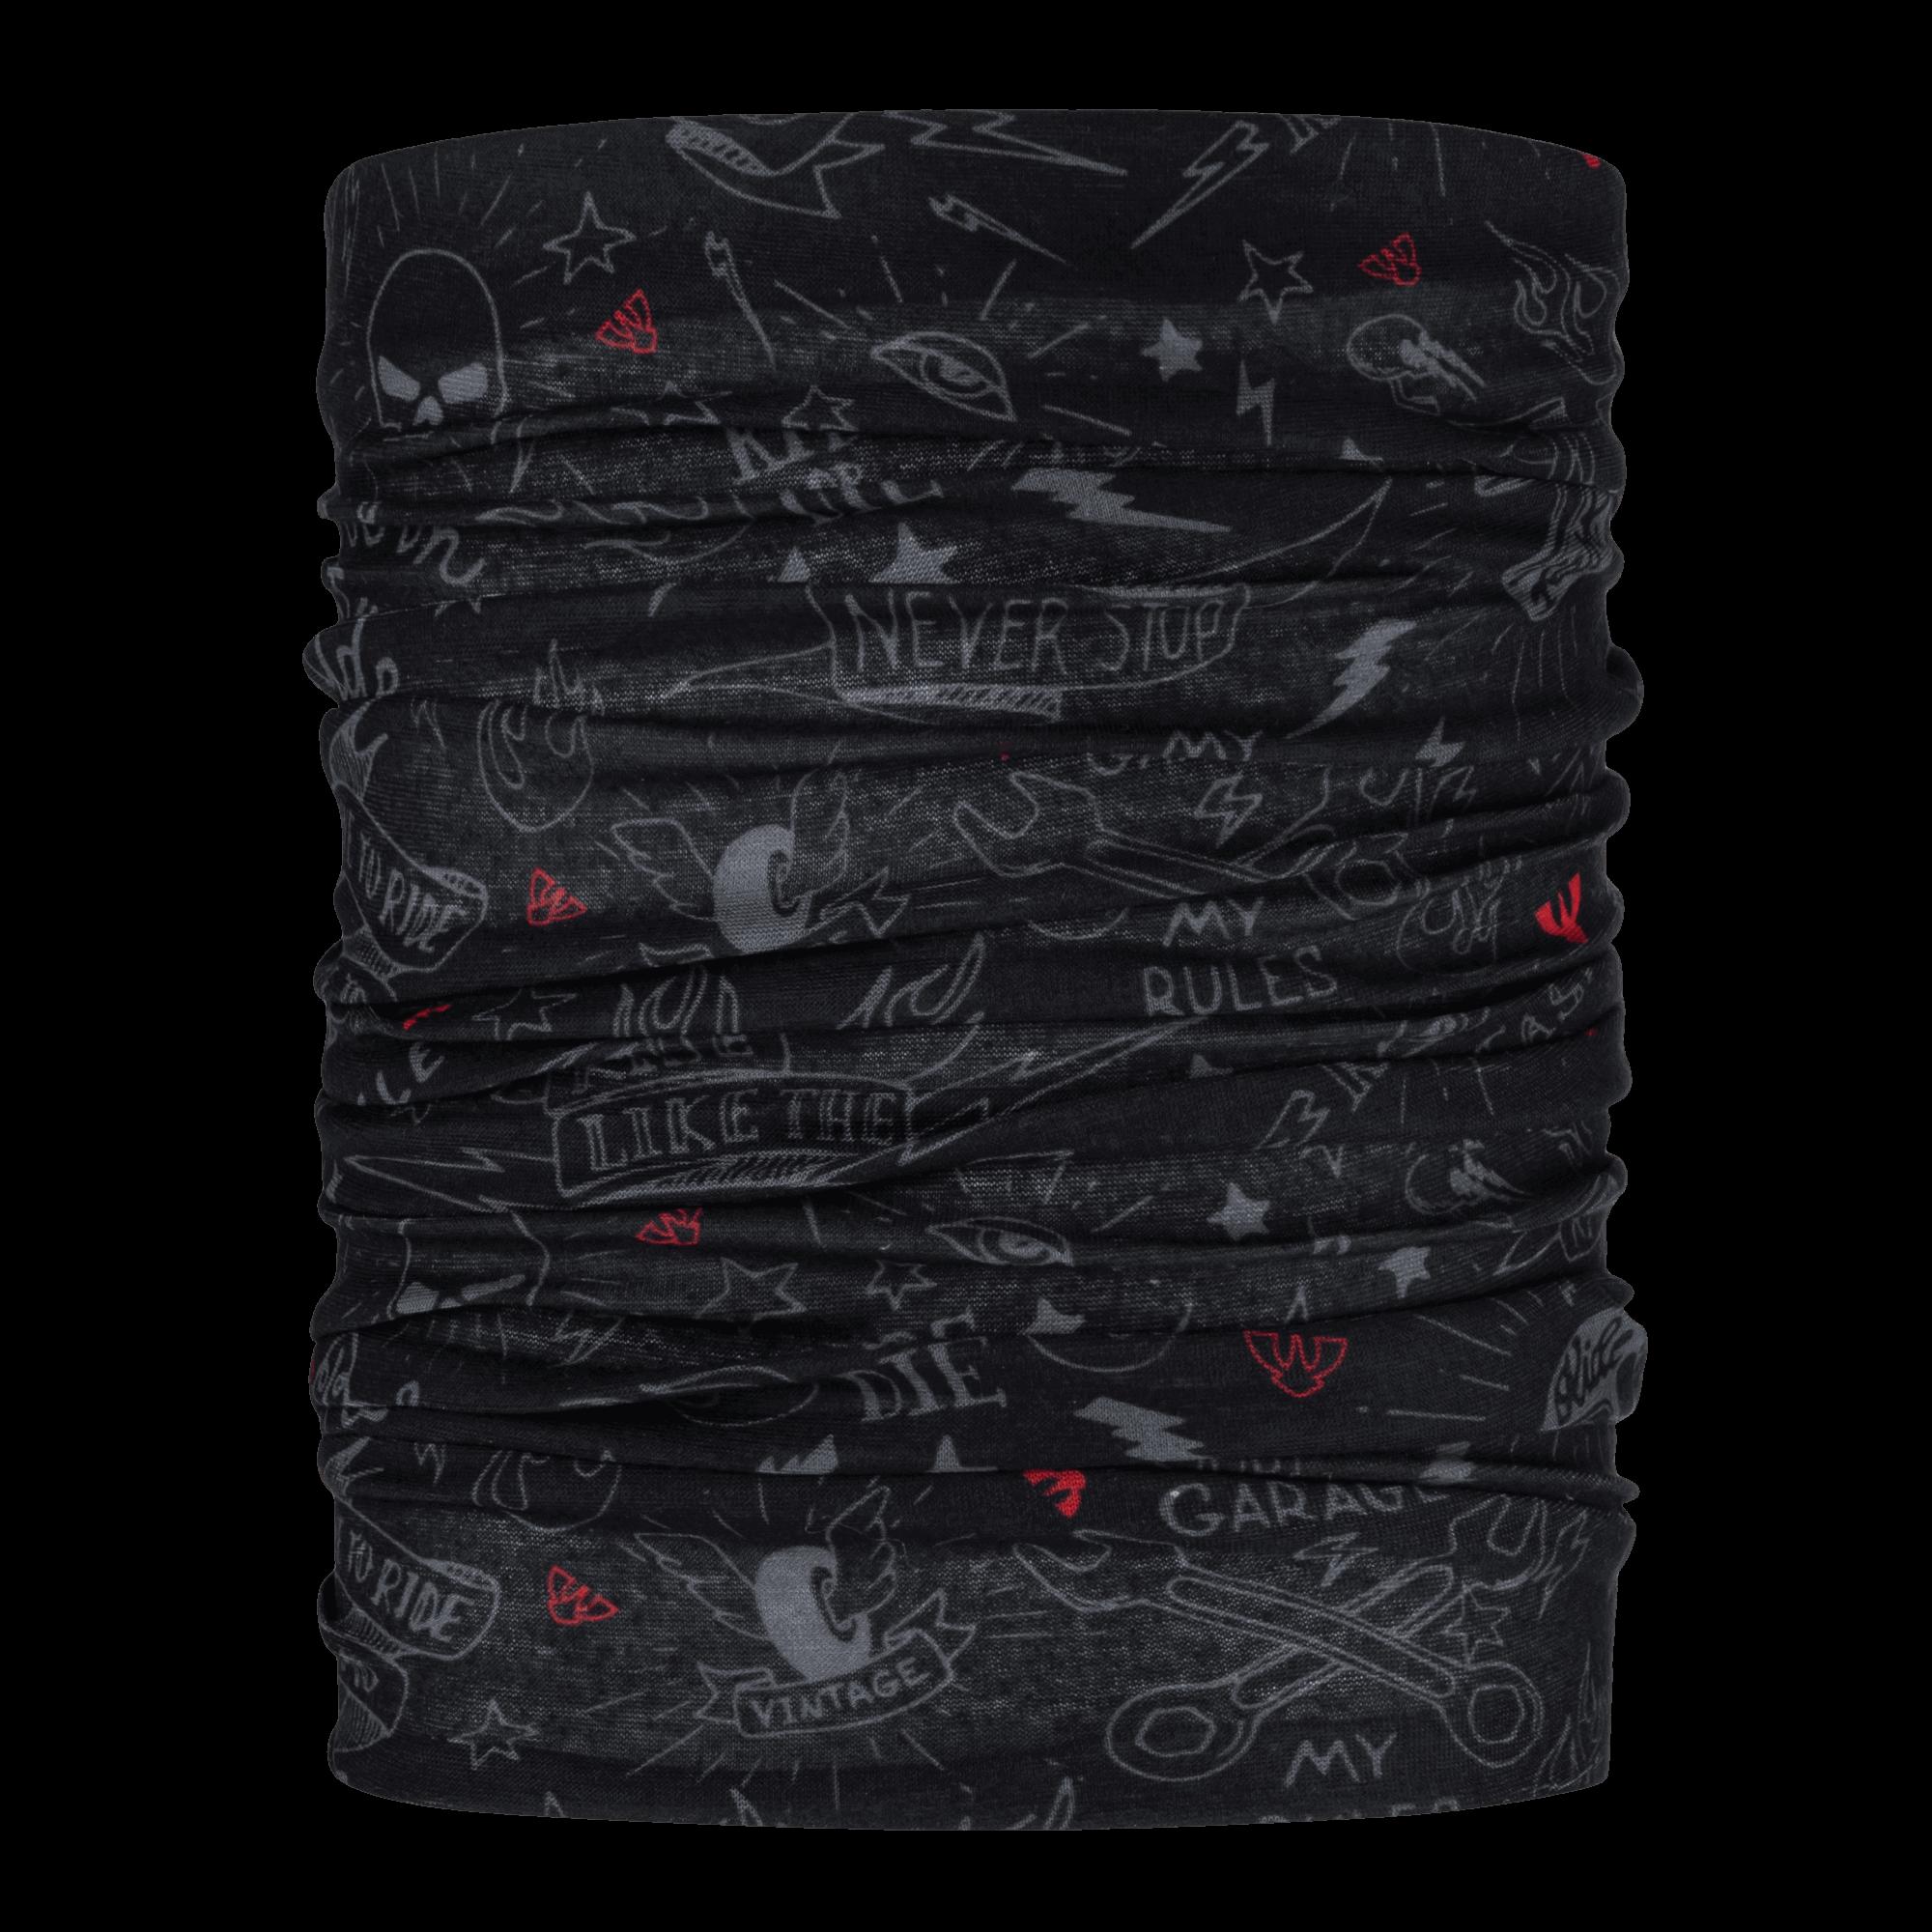 multifunkční šátek NIVALA_01.png - PSí Hubík